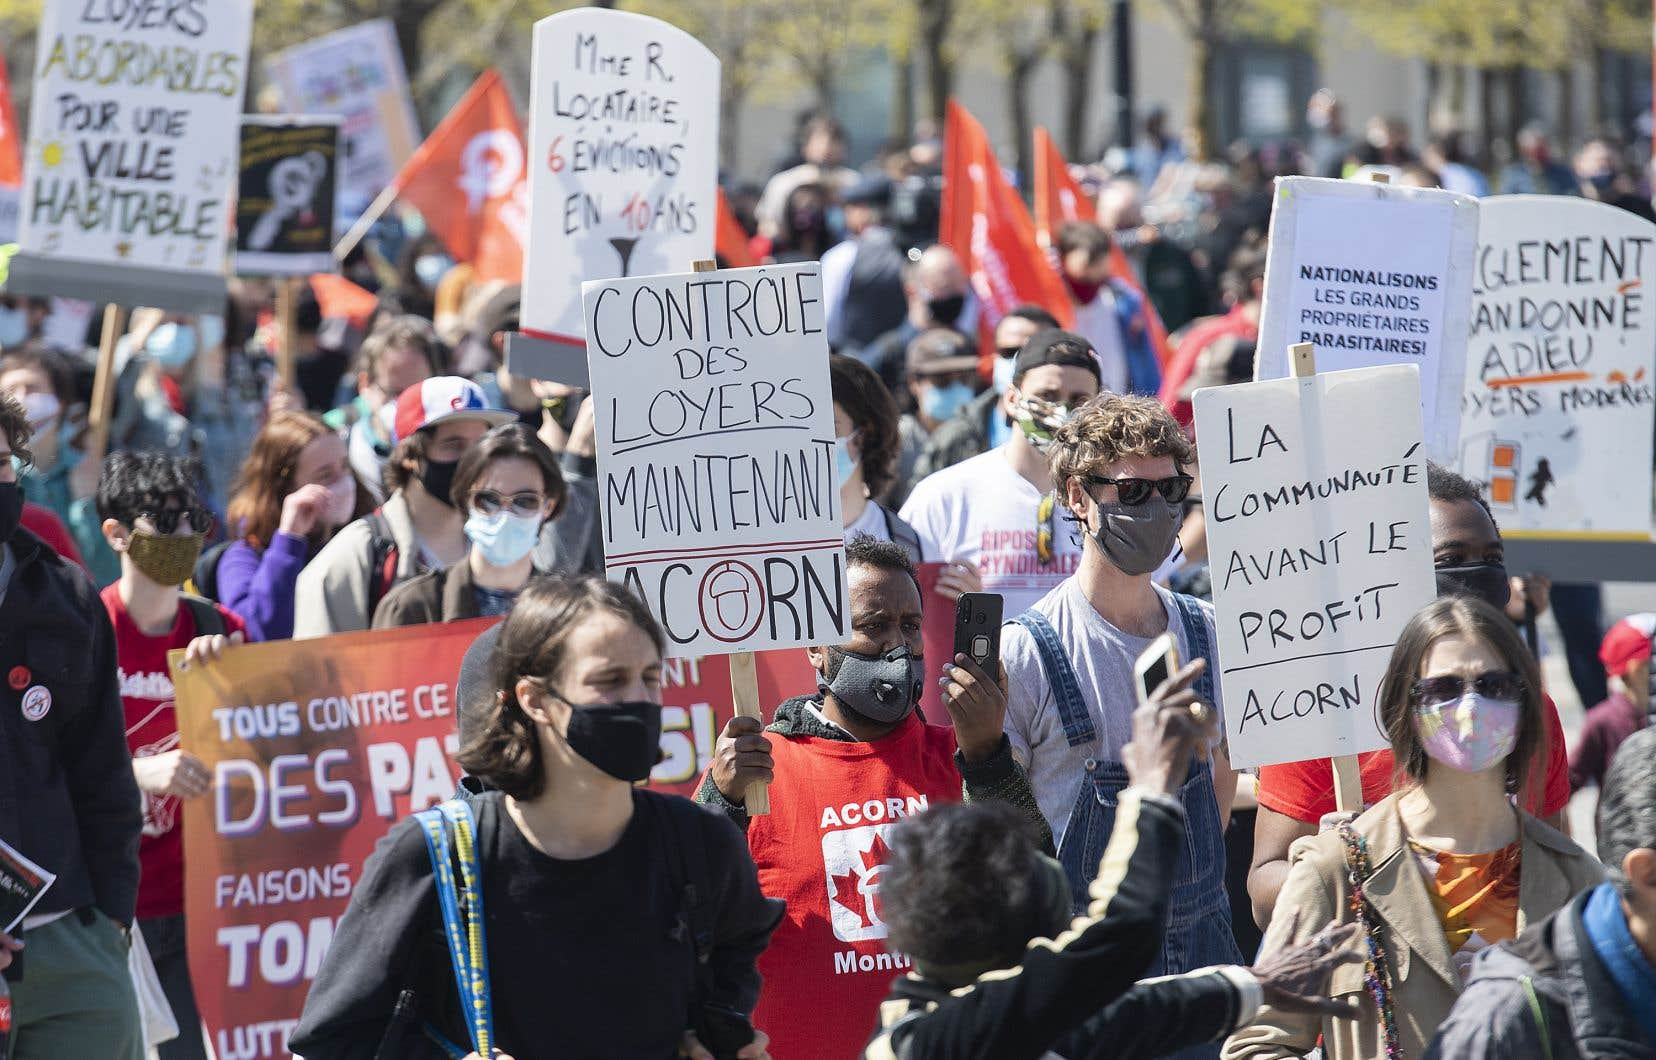 À l'approche du 1erjuillet et de la période des déménagements, la surenchère dans le prix des loyers à Montréal, associée à un phénomène de rareté des logements à plusieurs endroits, inquiète plusieurs locataires.